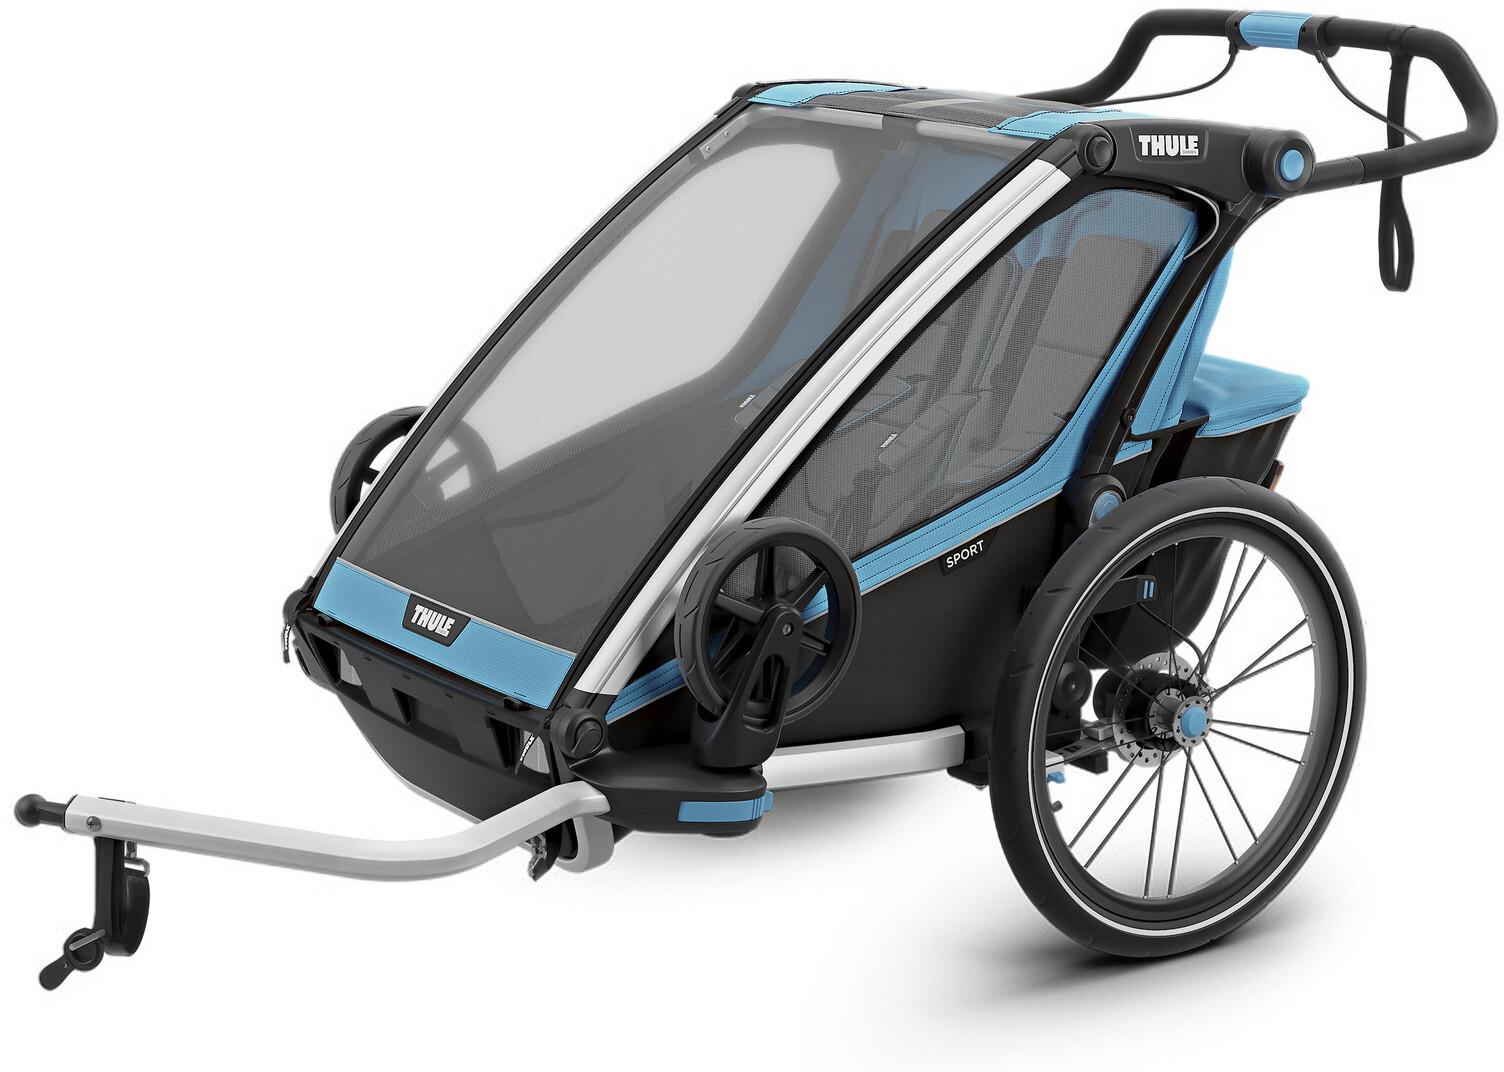 Thule Chariot Sport 2 Bike Trailer, thule blue/black (2019) | Trailer til cykler